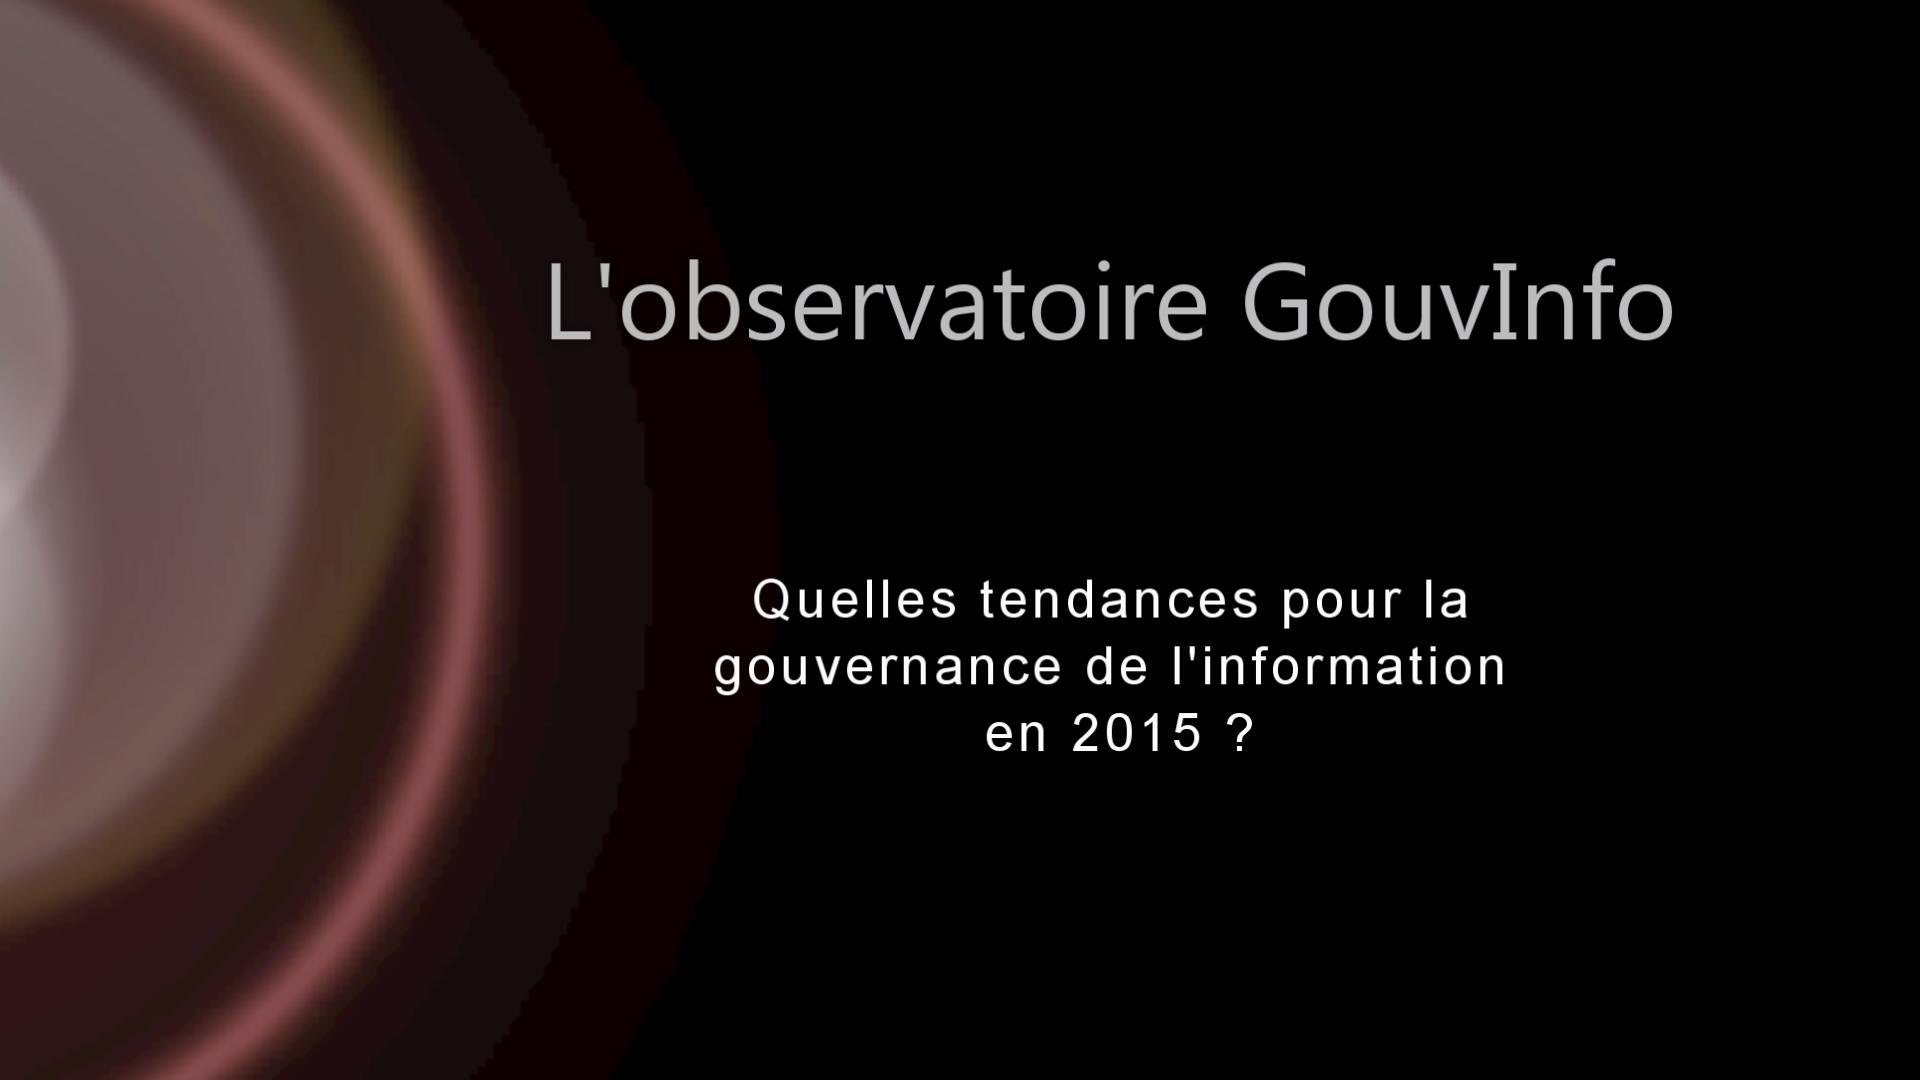 Tendances de la gouvernance de l'information